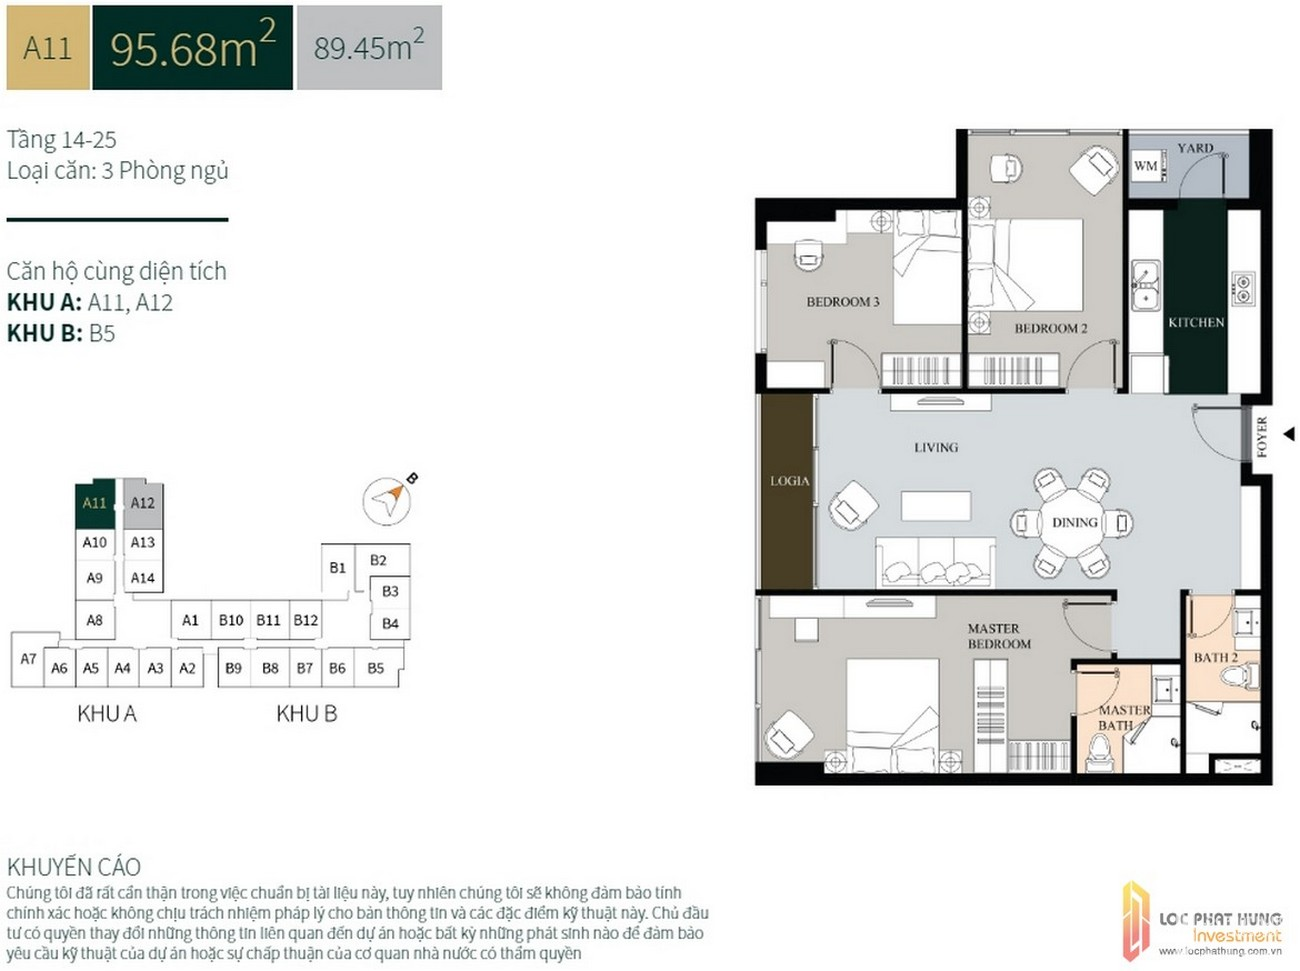 Thiết kế dự án căn hộ chung cư La Cosmo Residences Quận Tân Bình Đường Hoàng Văn Thụ chủ đầu tư An Gia Hưng